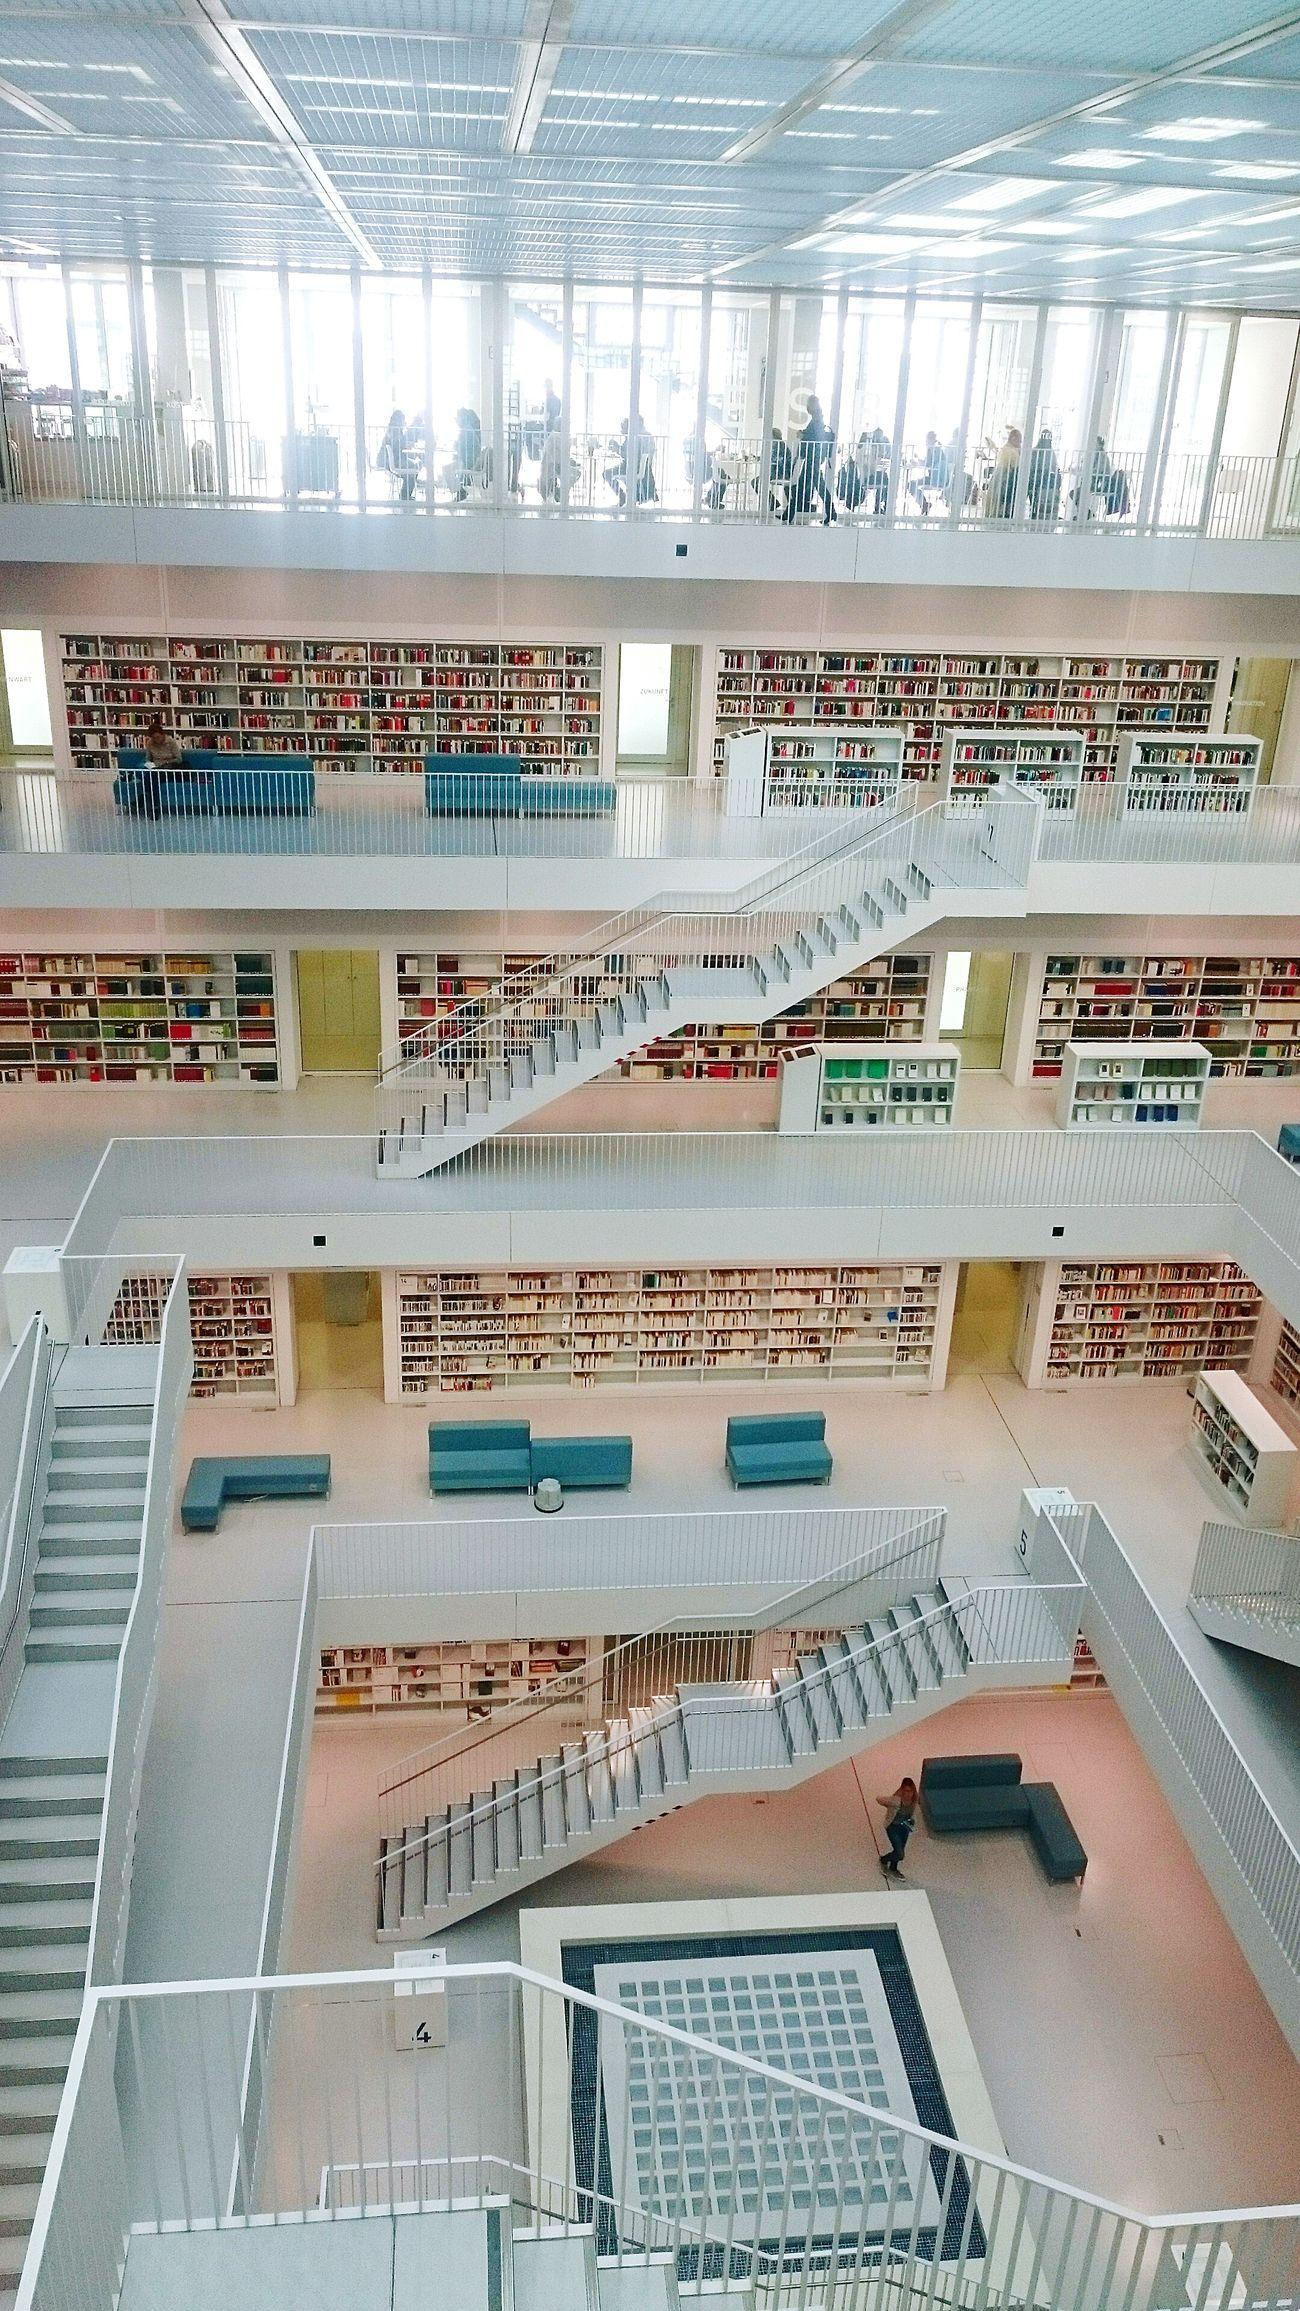 Lesen Bücherei Stadsbibliotek